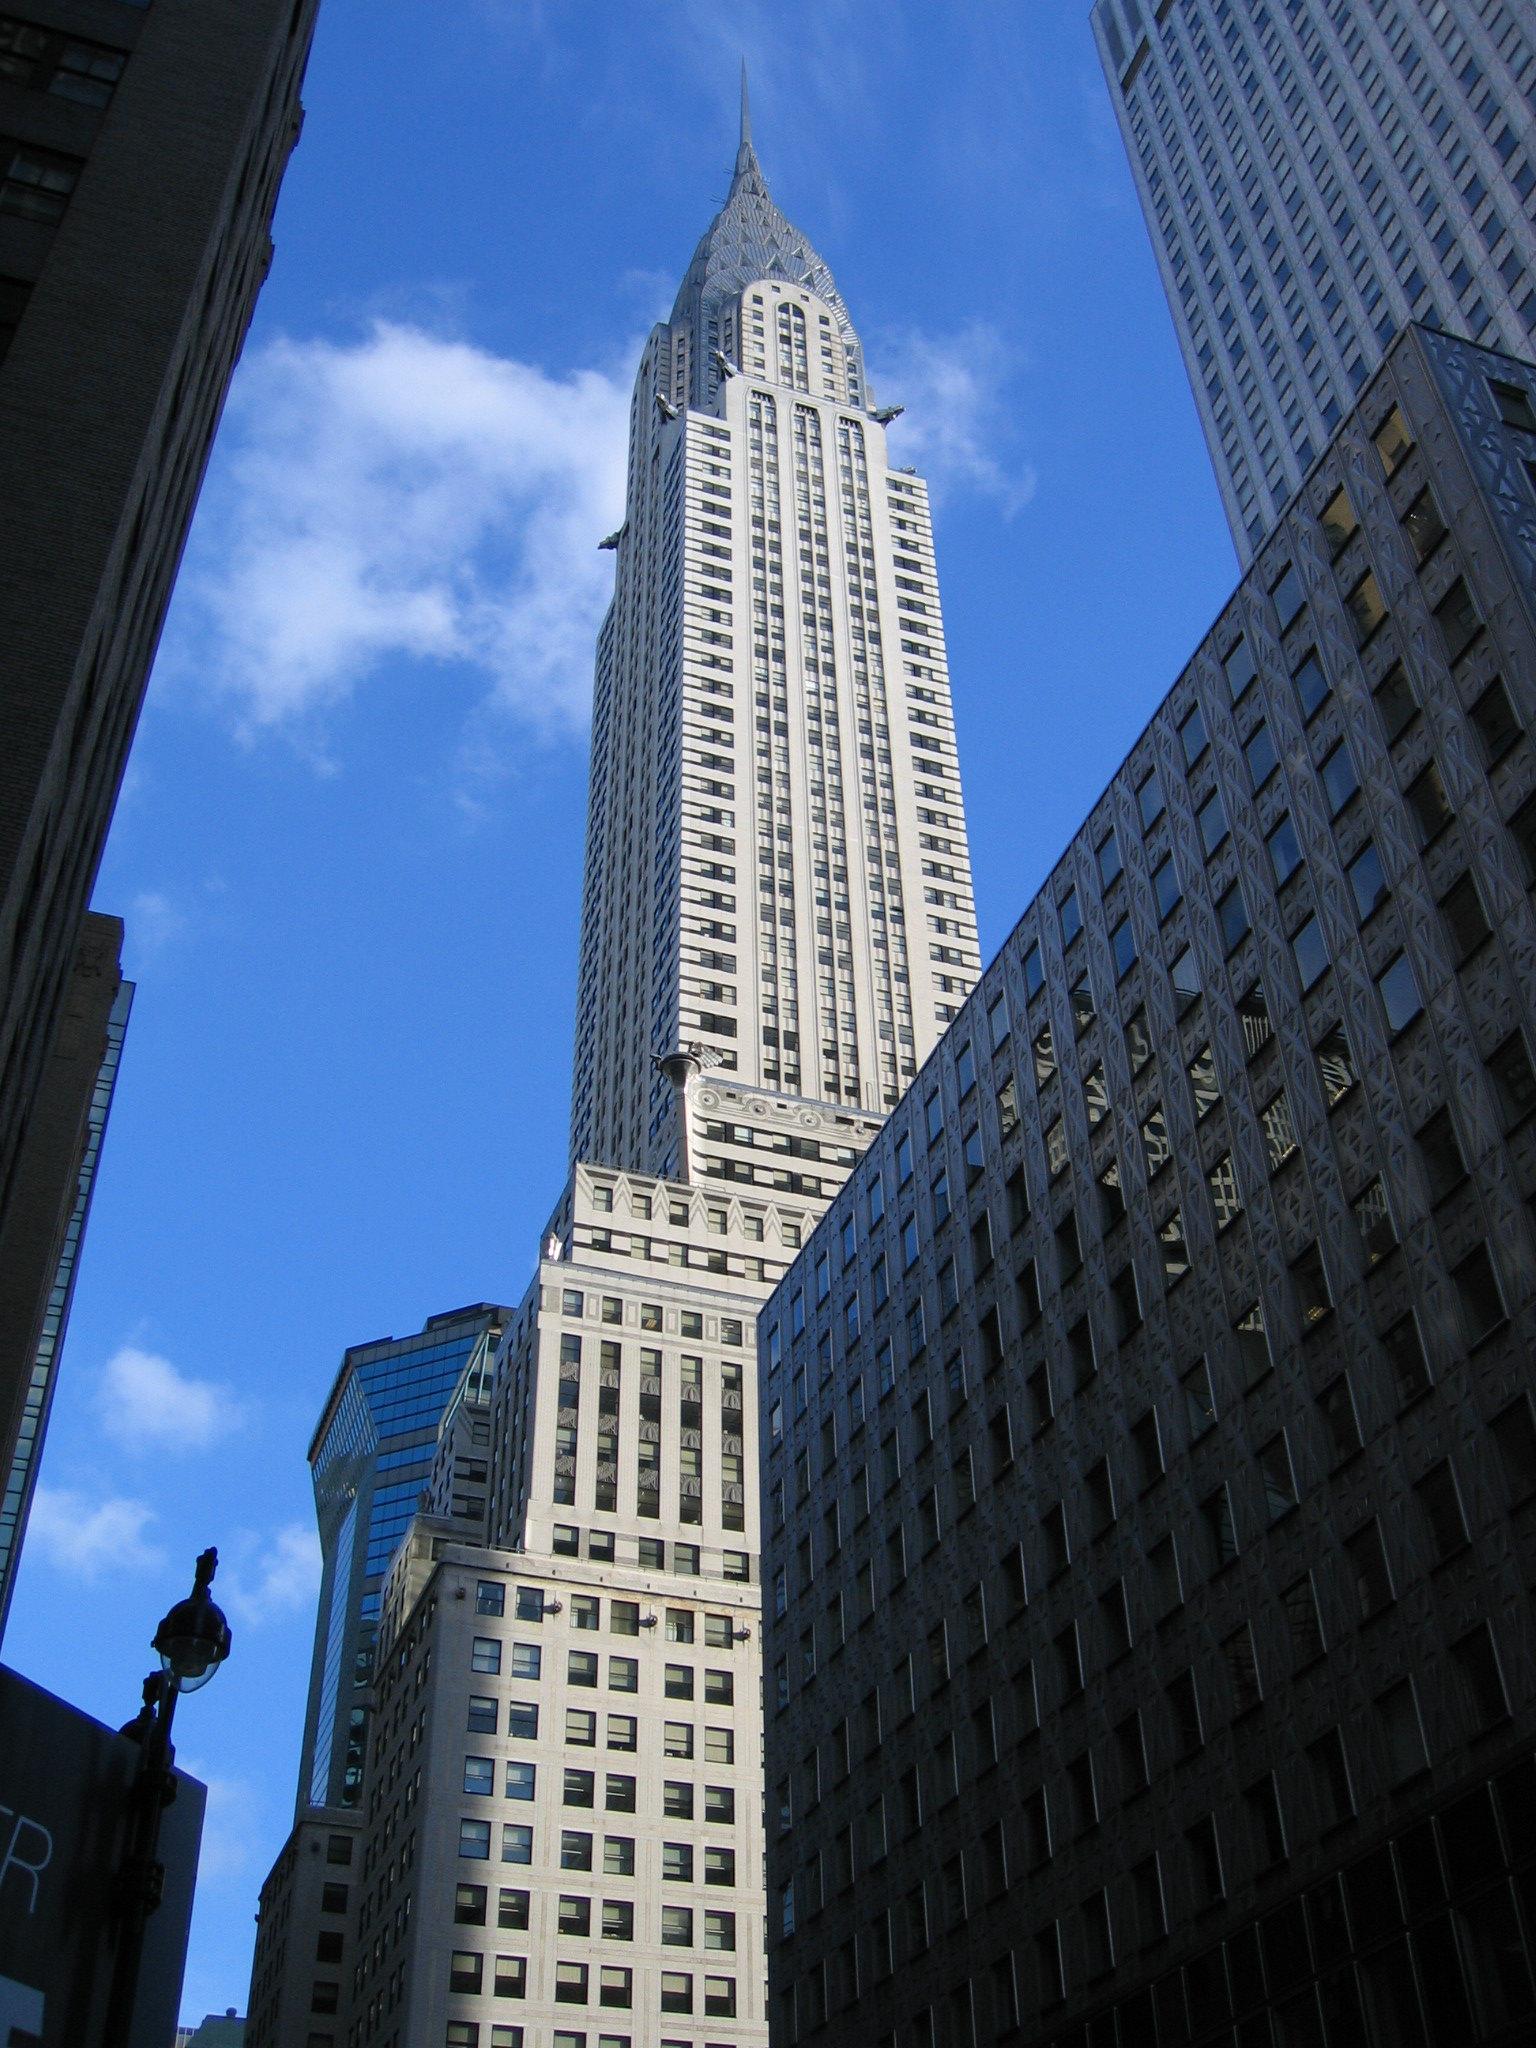 克萊斯勒大樓----位於曼哈顿中城42街與列星頓大道交口在紐約市樓高爭奪戰中克萊斯勒以風格獨具取勝全球首座以不鏽鋼建材運用在外觀的建築大樓頂端酷似太陽光束的設計是1930年一款克萊斯勒汽車的冷卻器蓋子以汽車輪胎為構想五排不銹鋼的拱形往上逐漸縮小每排拱形鑲嵌三角窗呈鋸齒狀排列高聳的尖塔成為這棟不